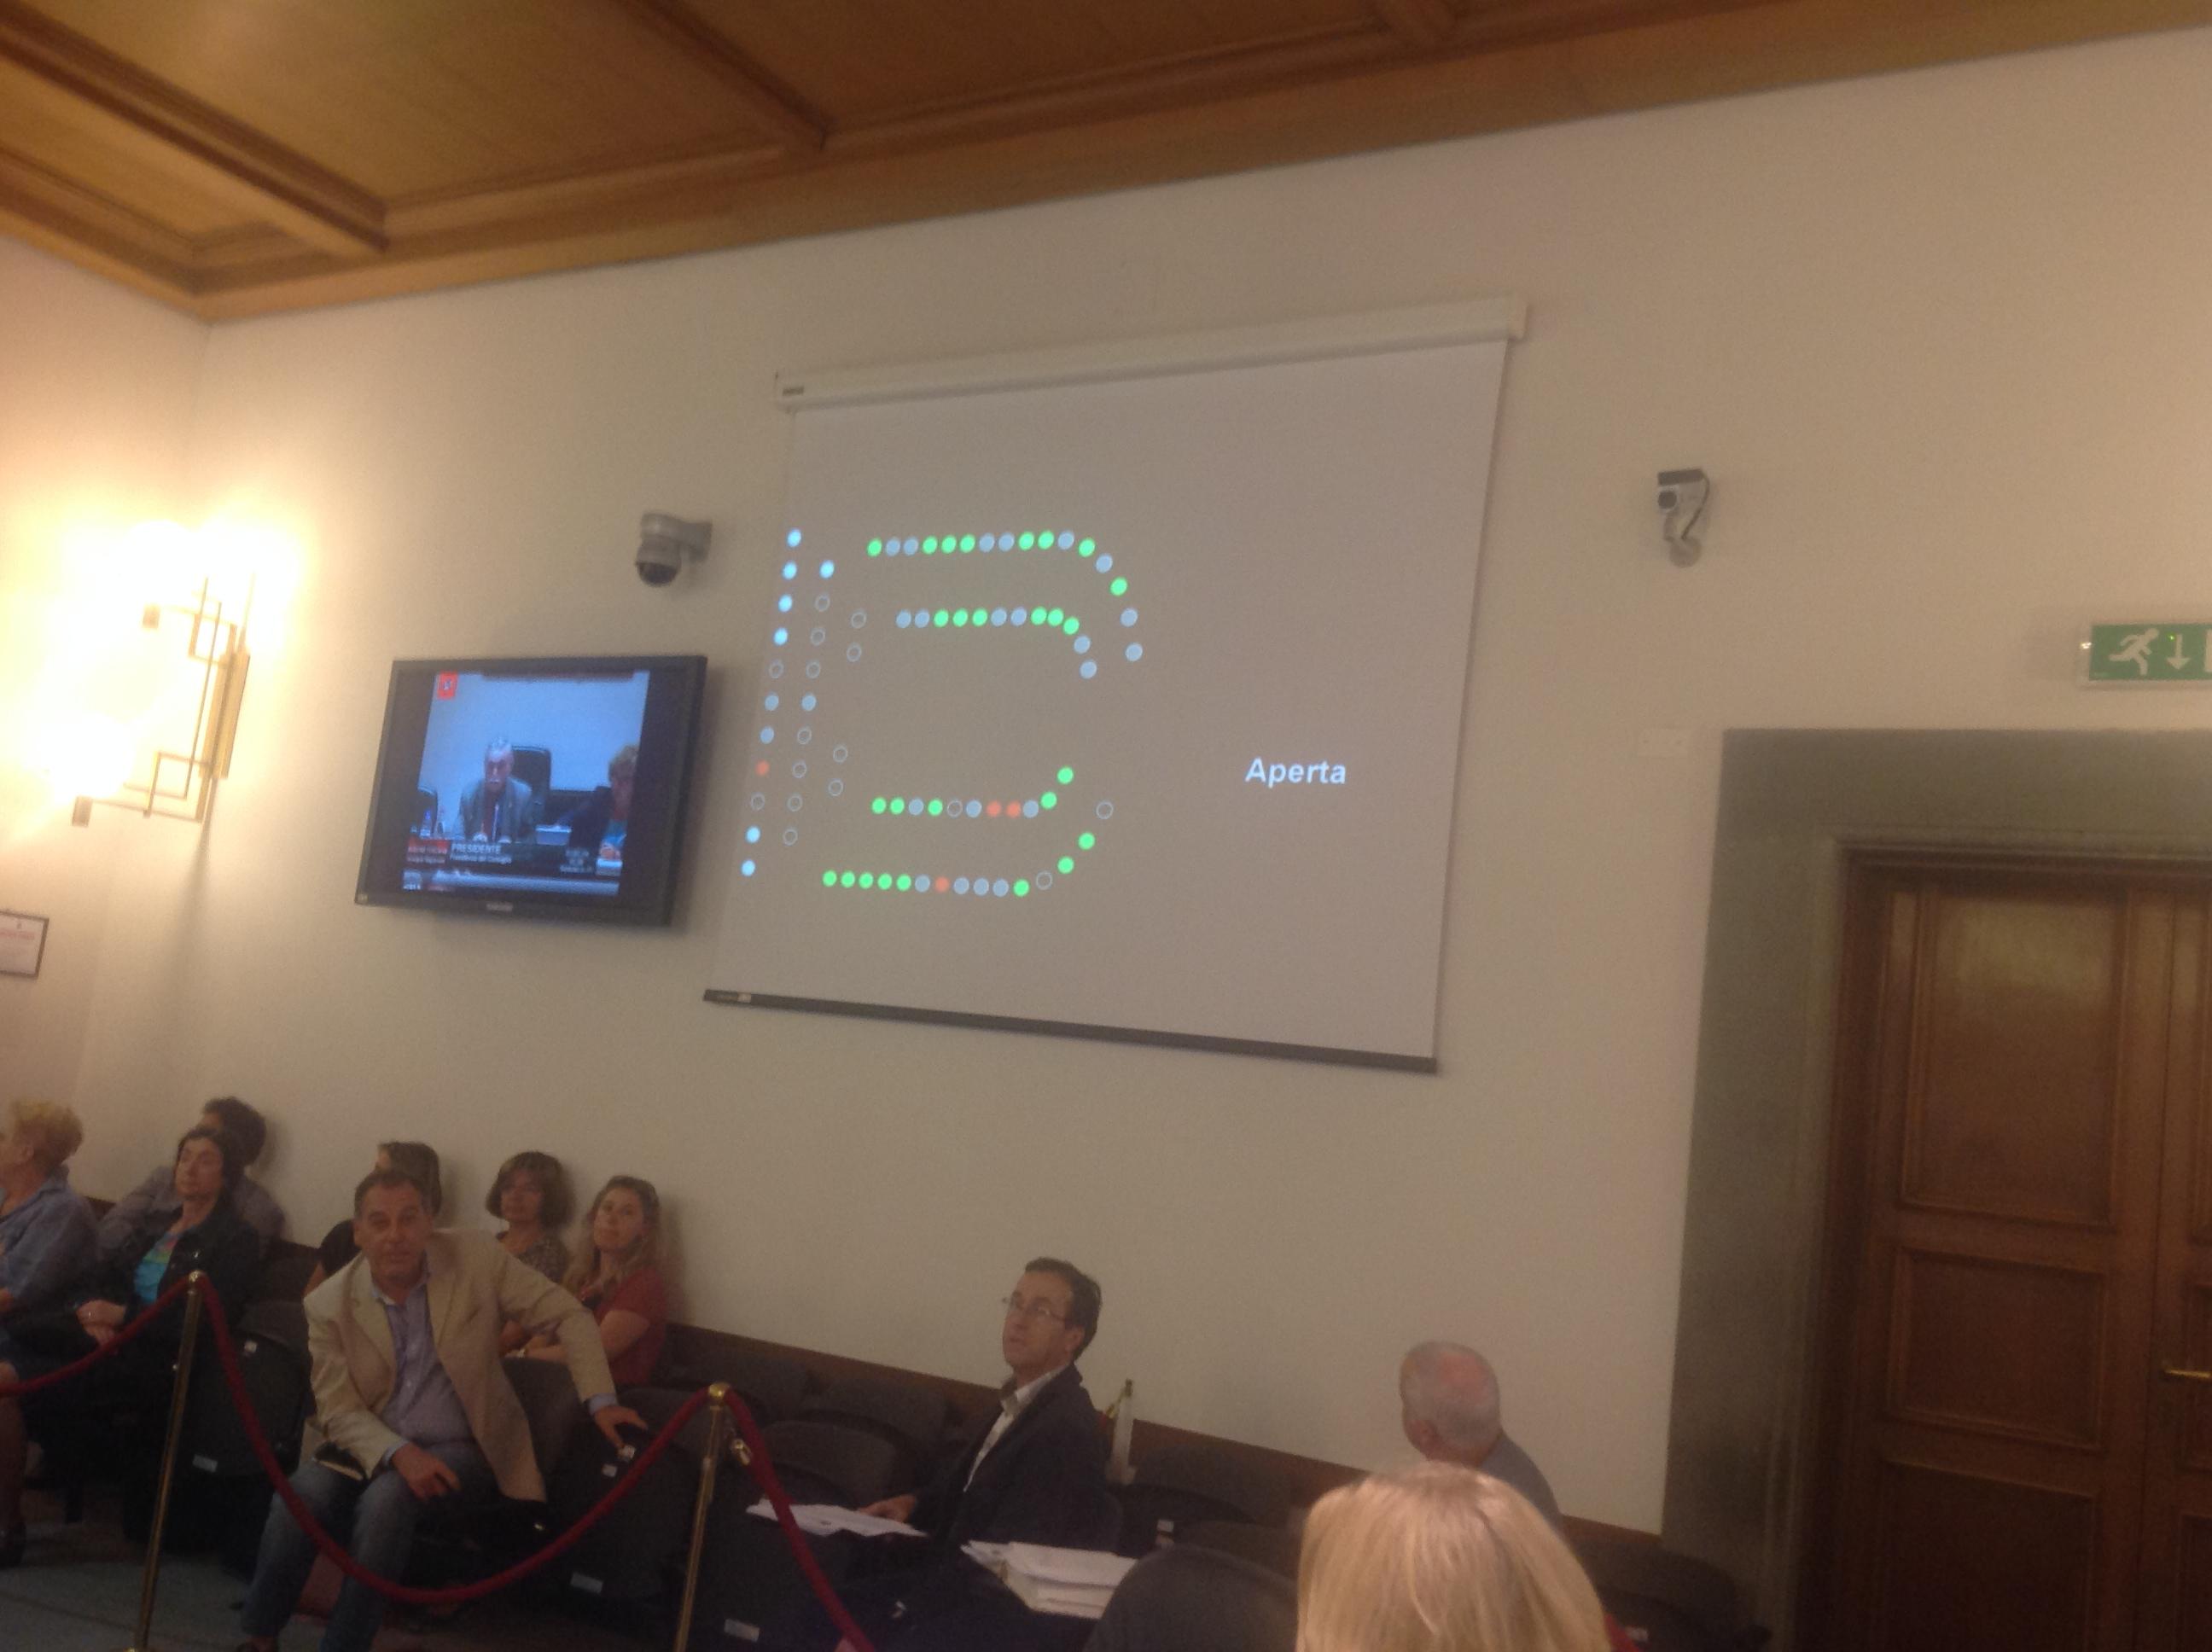 La separazione bancaria legge la toscana d il via for Diretta dal parlamento